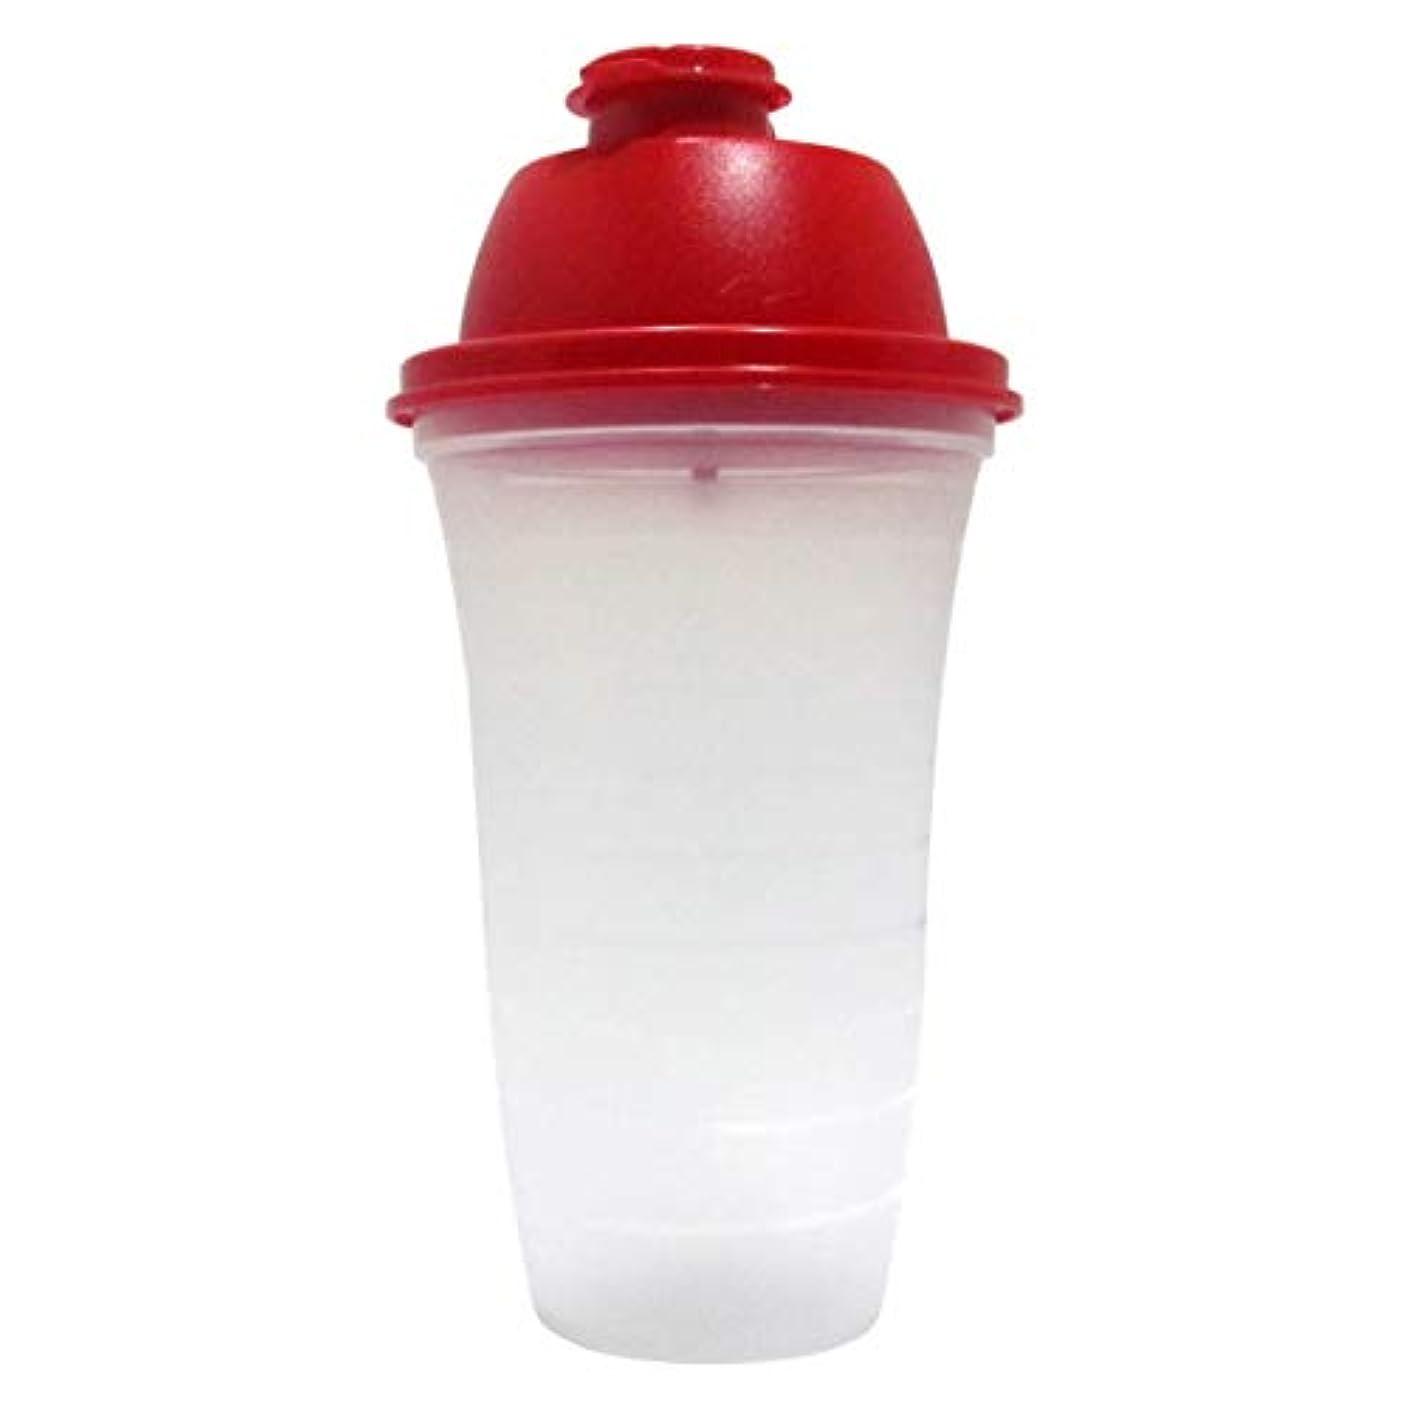 政治家オフ形状AVS STORE ® Tupperware CupクイックShaker 500 ml